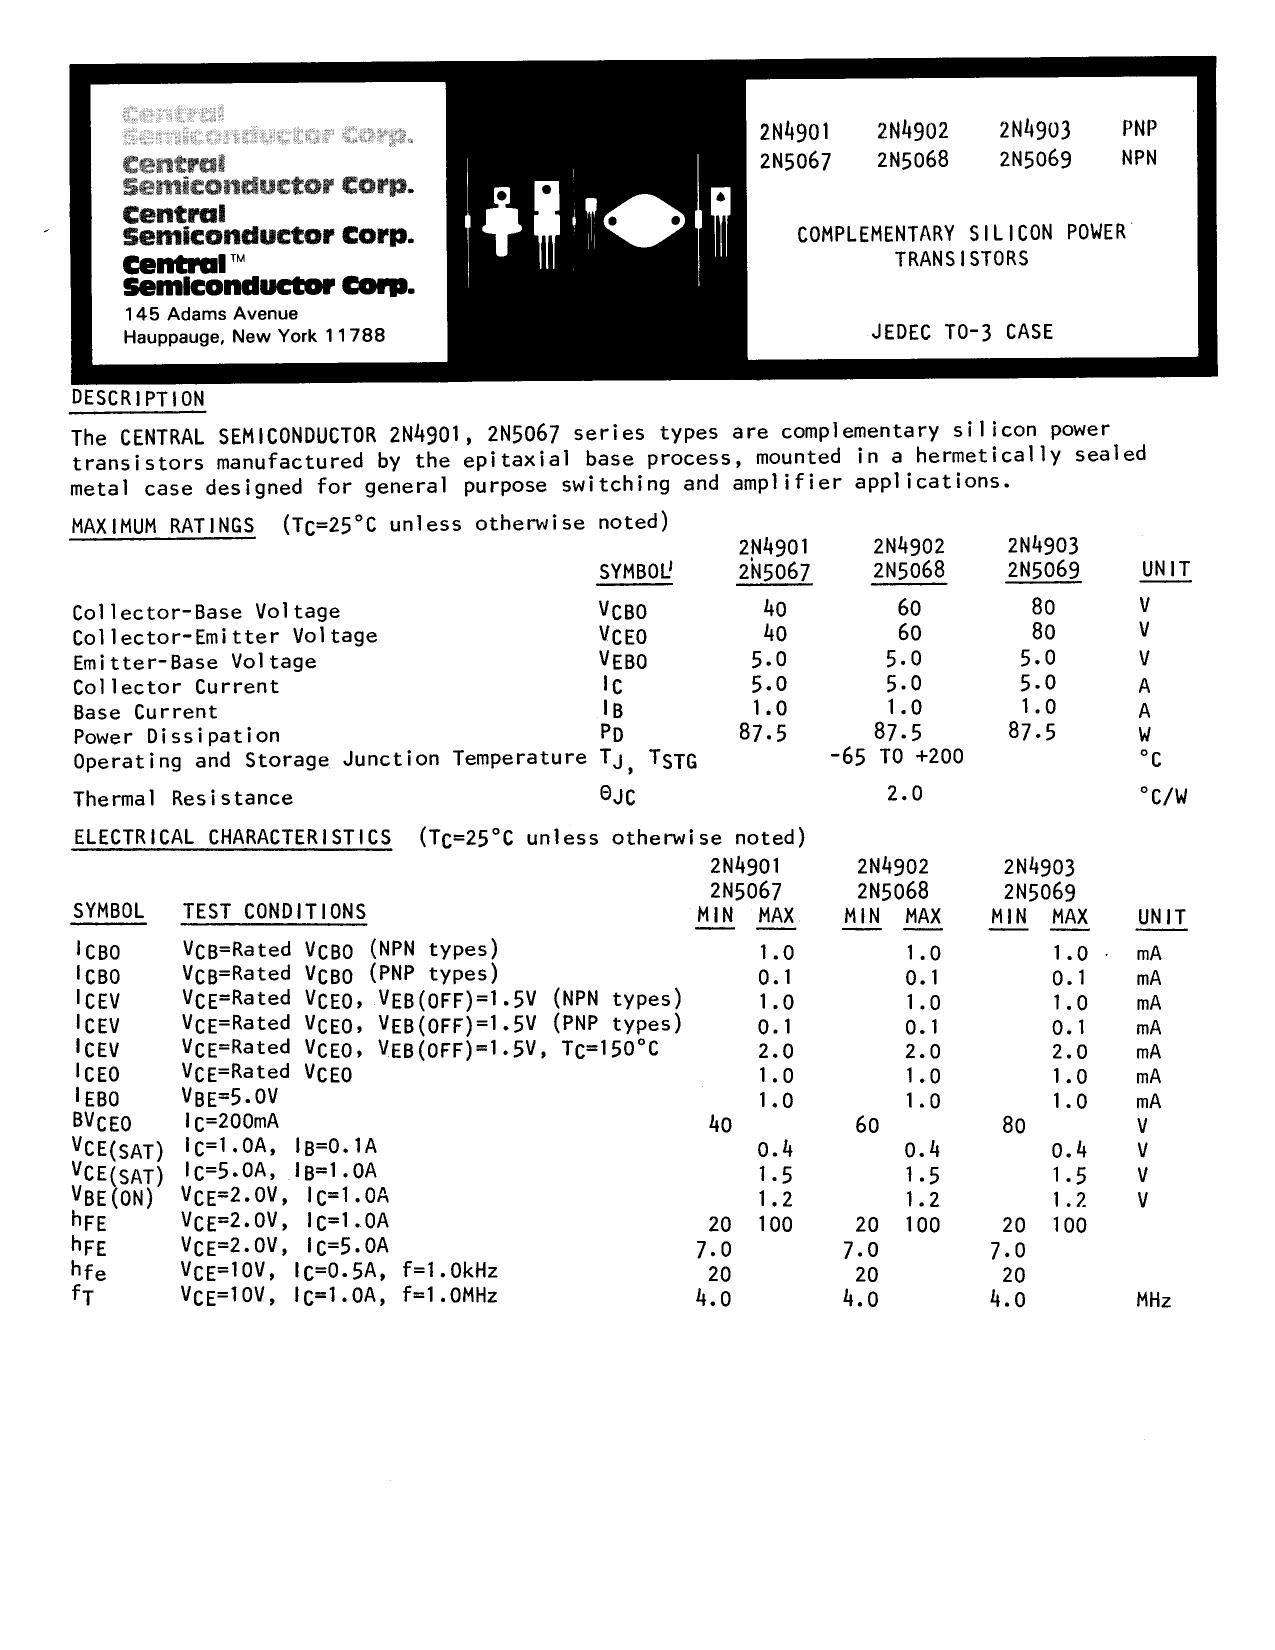 2N4903 دیتاشیت PDF